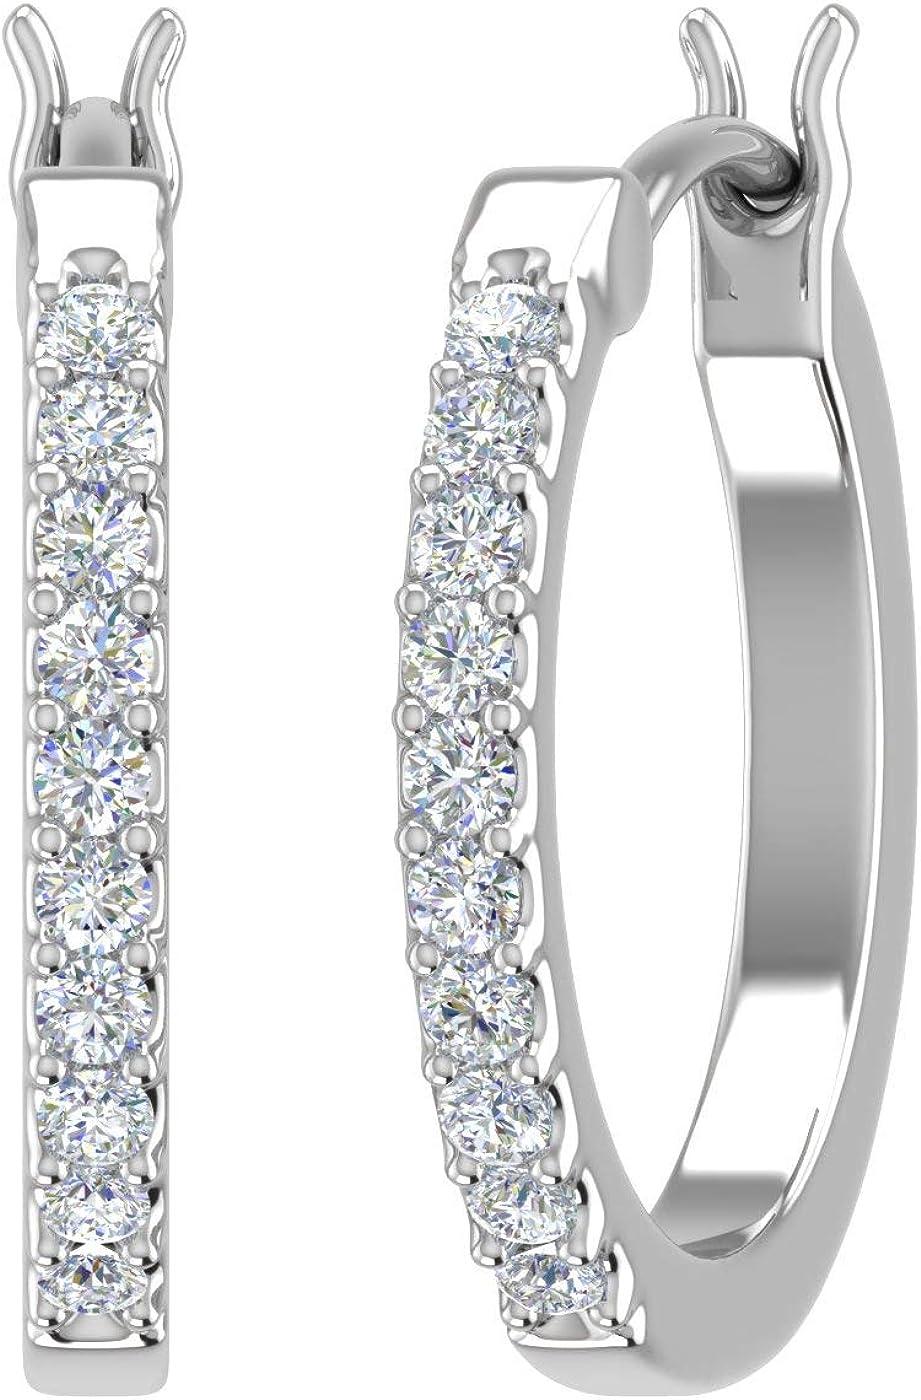 1/10 Carat Diamond Ladies Small Hoop Earrings in 10K Gold